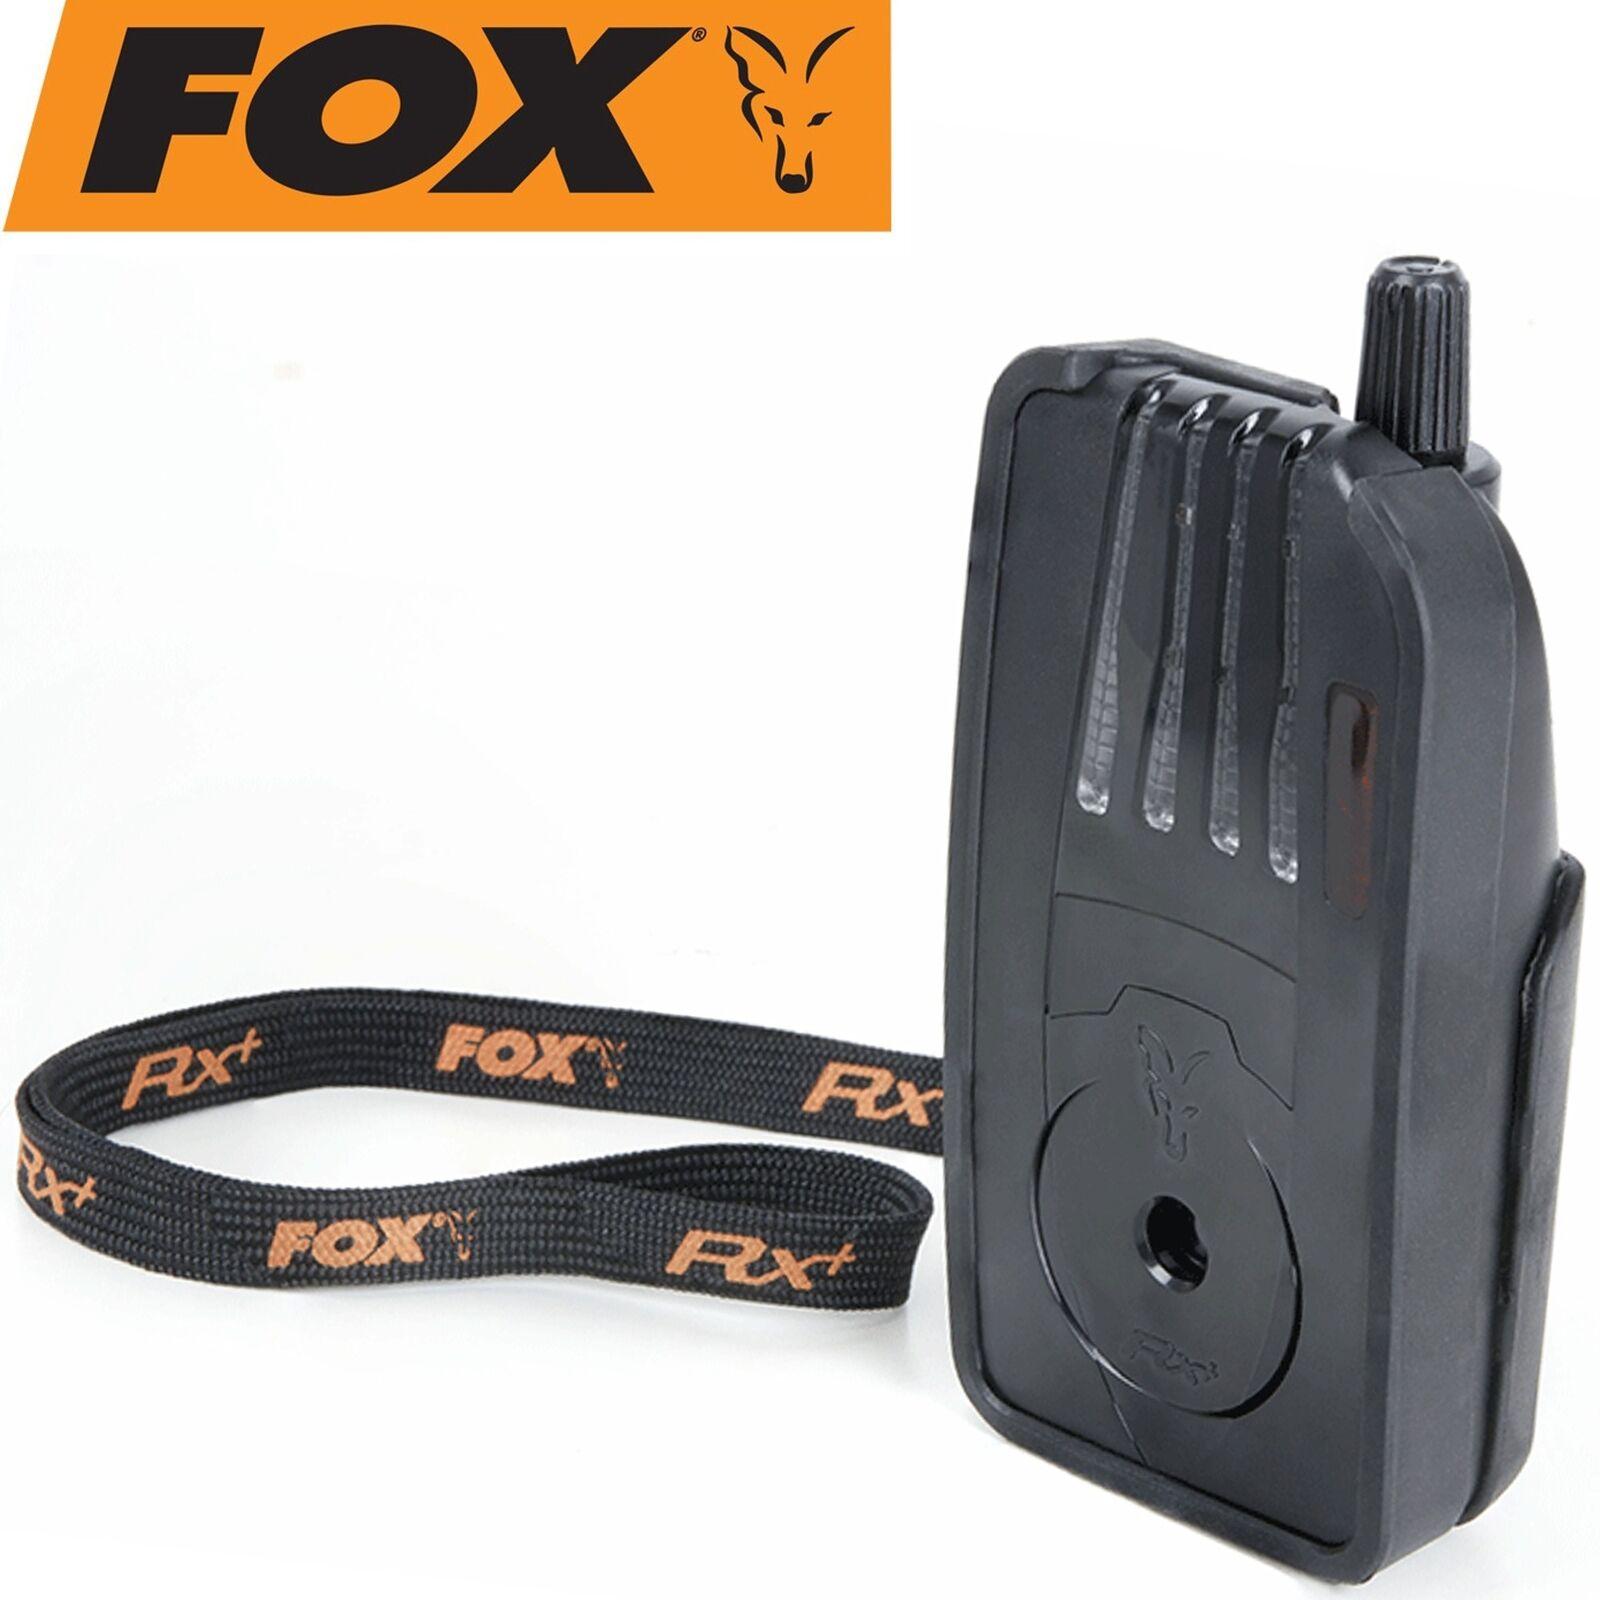 Fox Micron RX+ Receiver für Bissanzeiger, Funkempfänger, Bissmelder Funkreceiver Bissmelder Funkempfänger, 993d2c